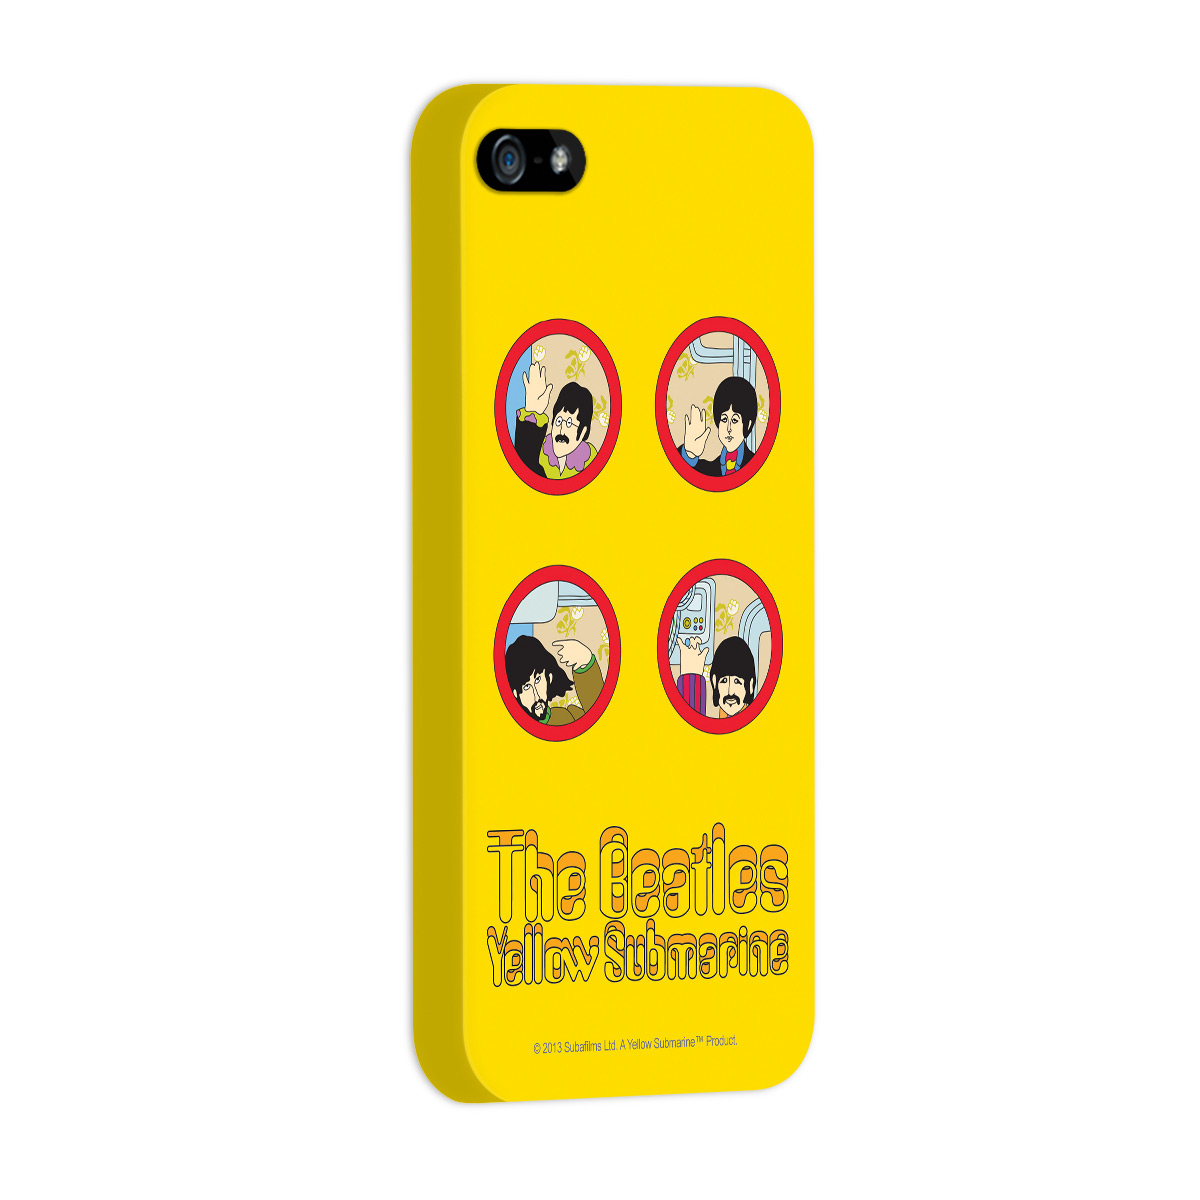 Capa de iPhone 5/5S The Beatles Yellow Submarine 1